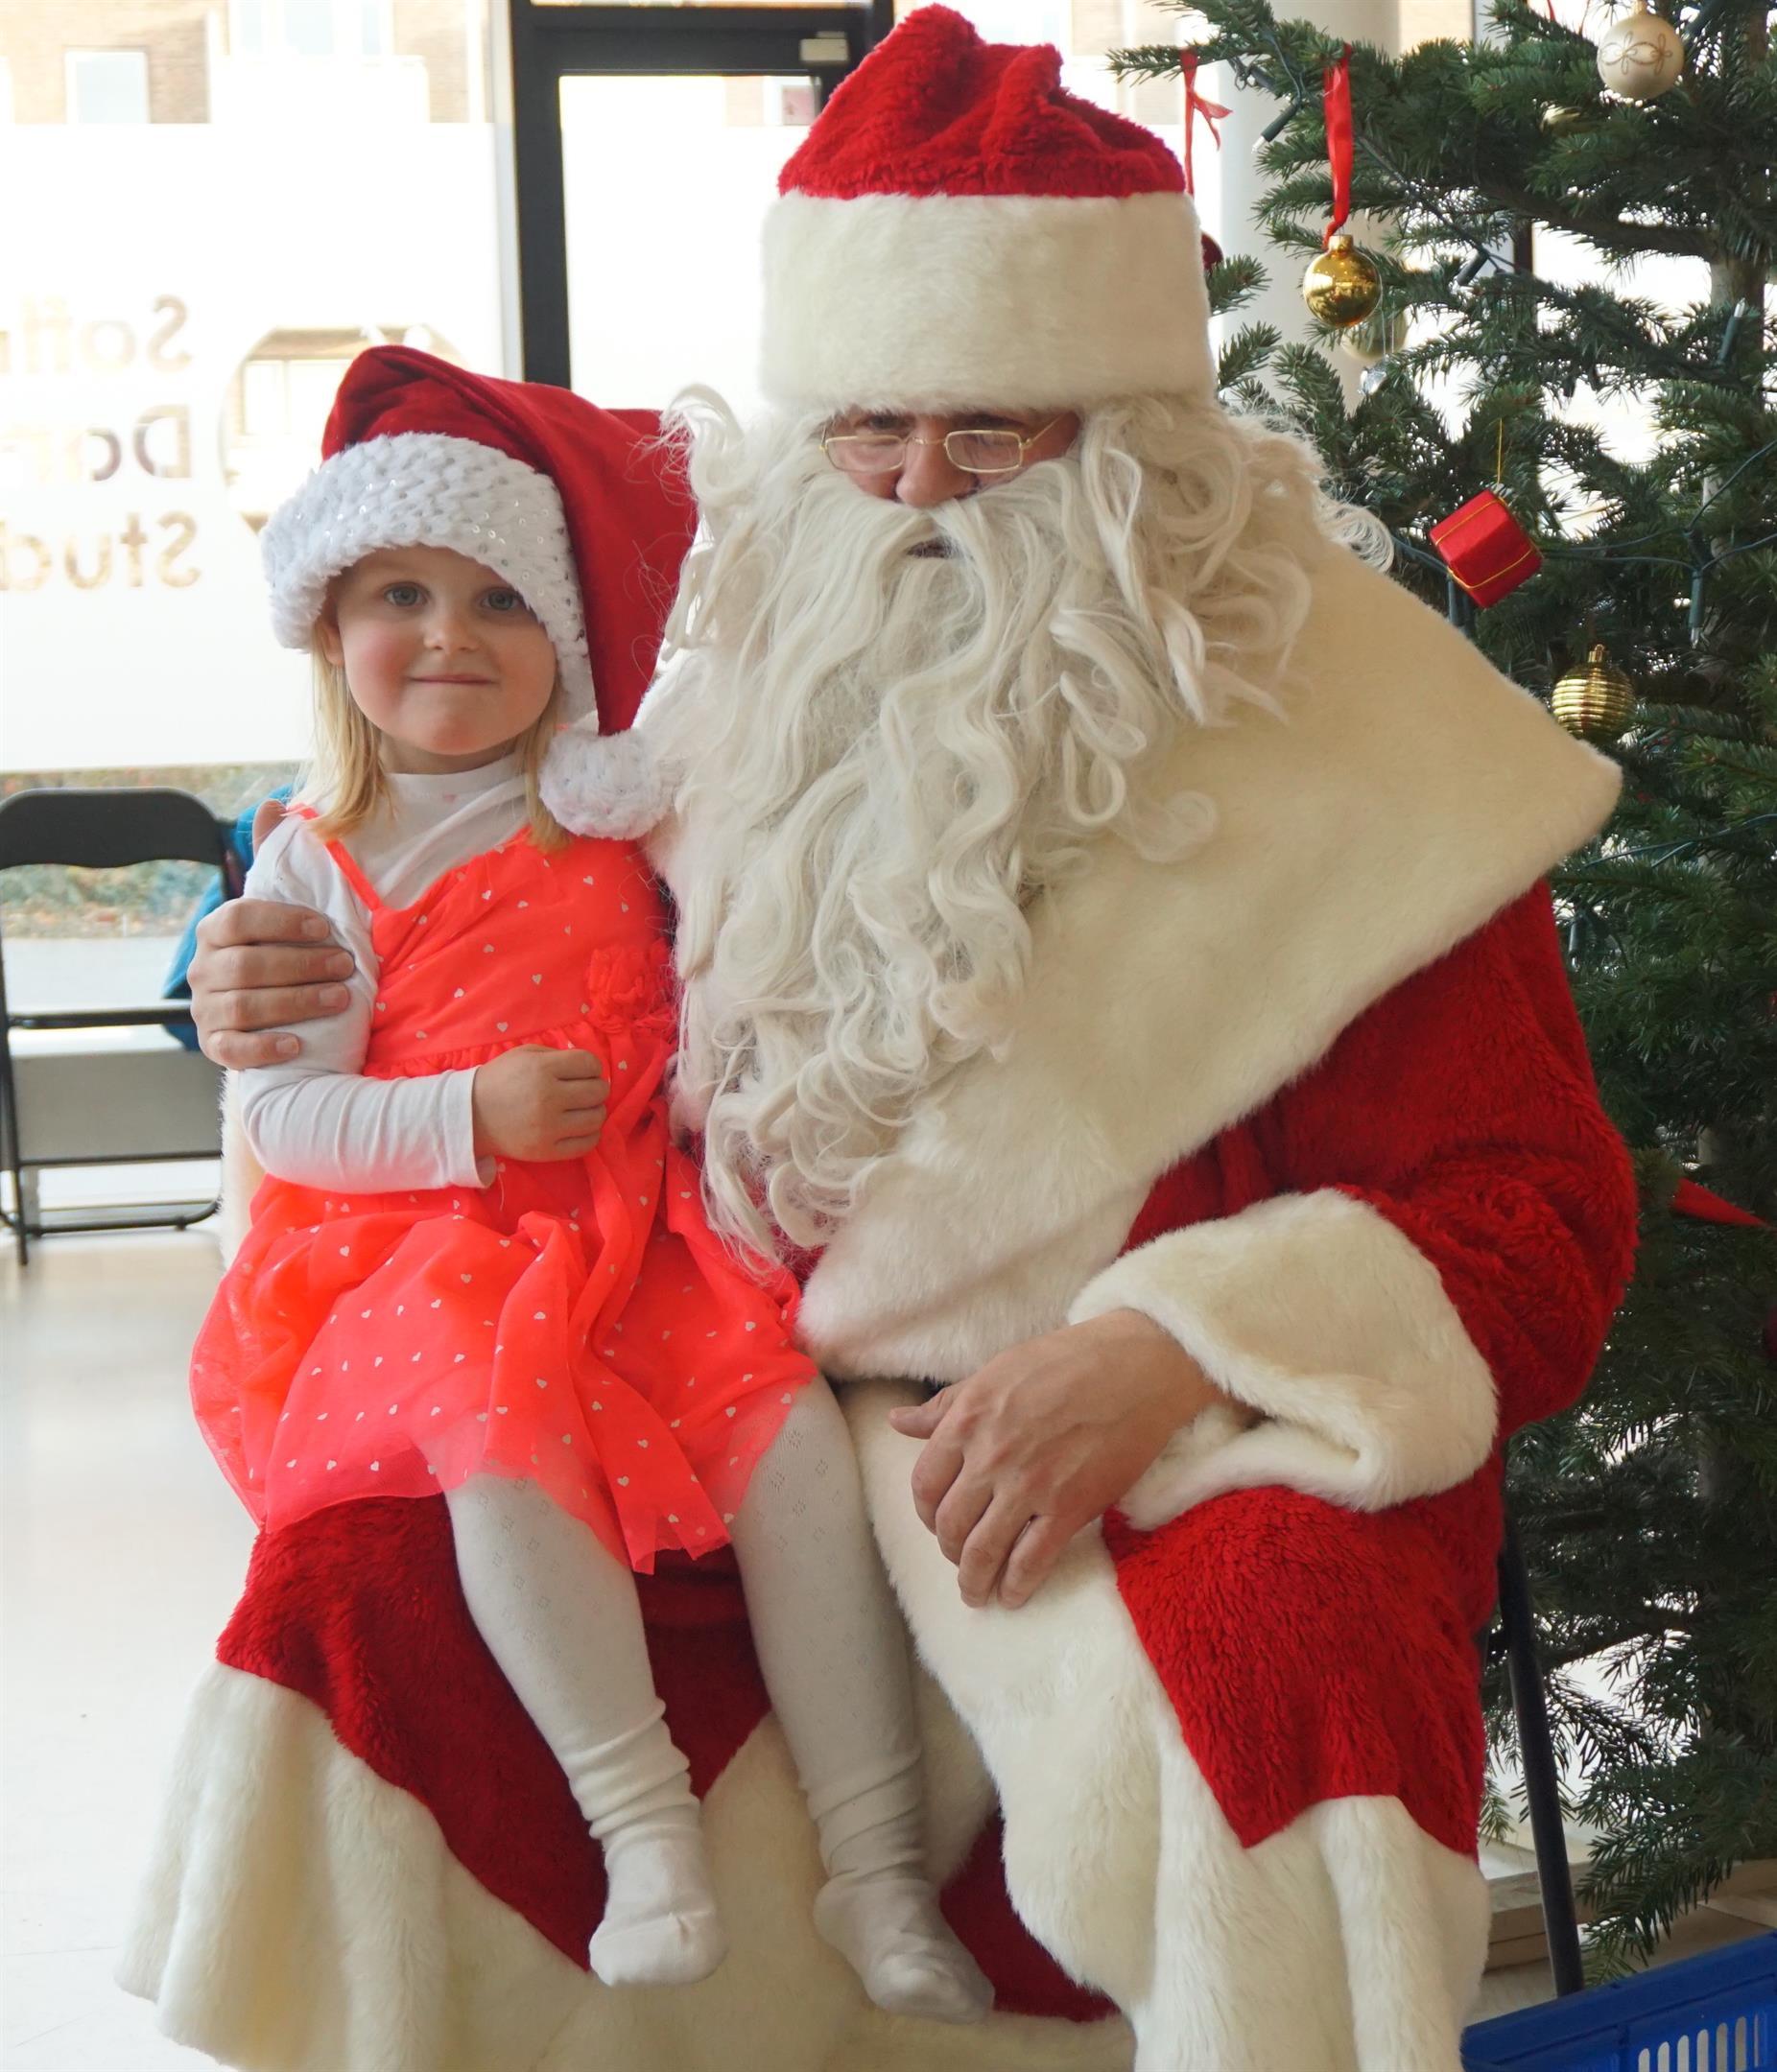 Julemanden kom også for Juleballet 2016 og delte godteposer ud til at de søde små dansebørn